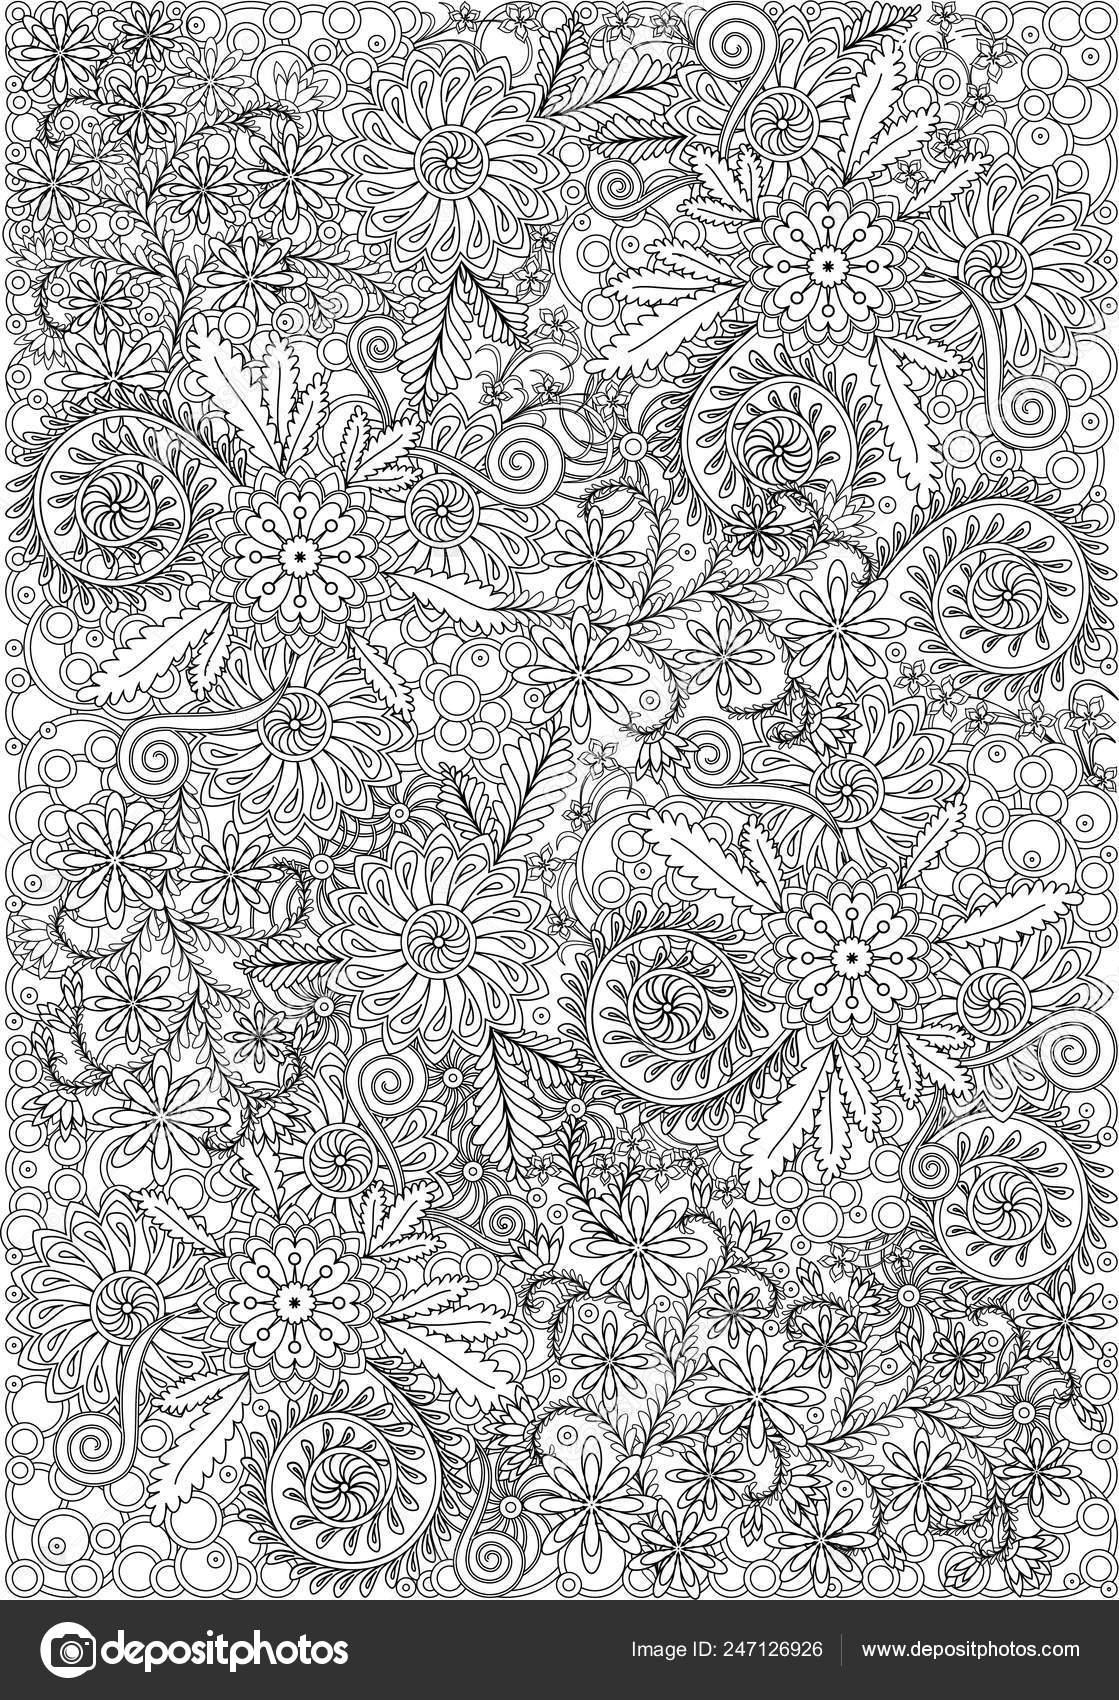 Nature Coloring Pages for Adults Pdf | Omalovánky, Kreslení, Vzory | 1700x1119